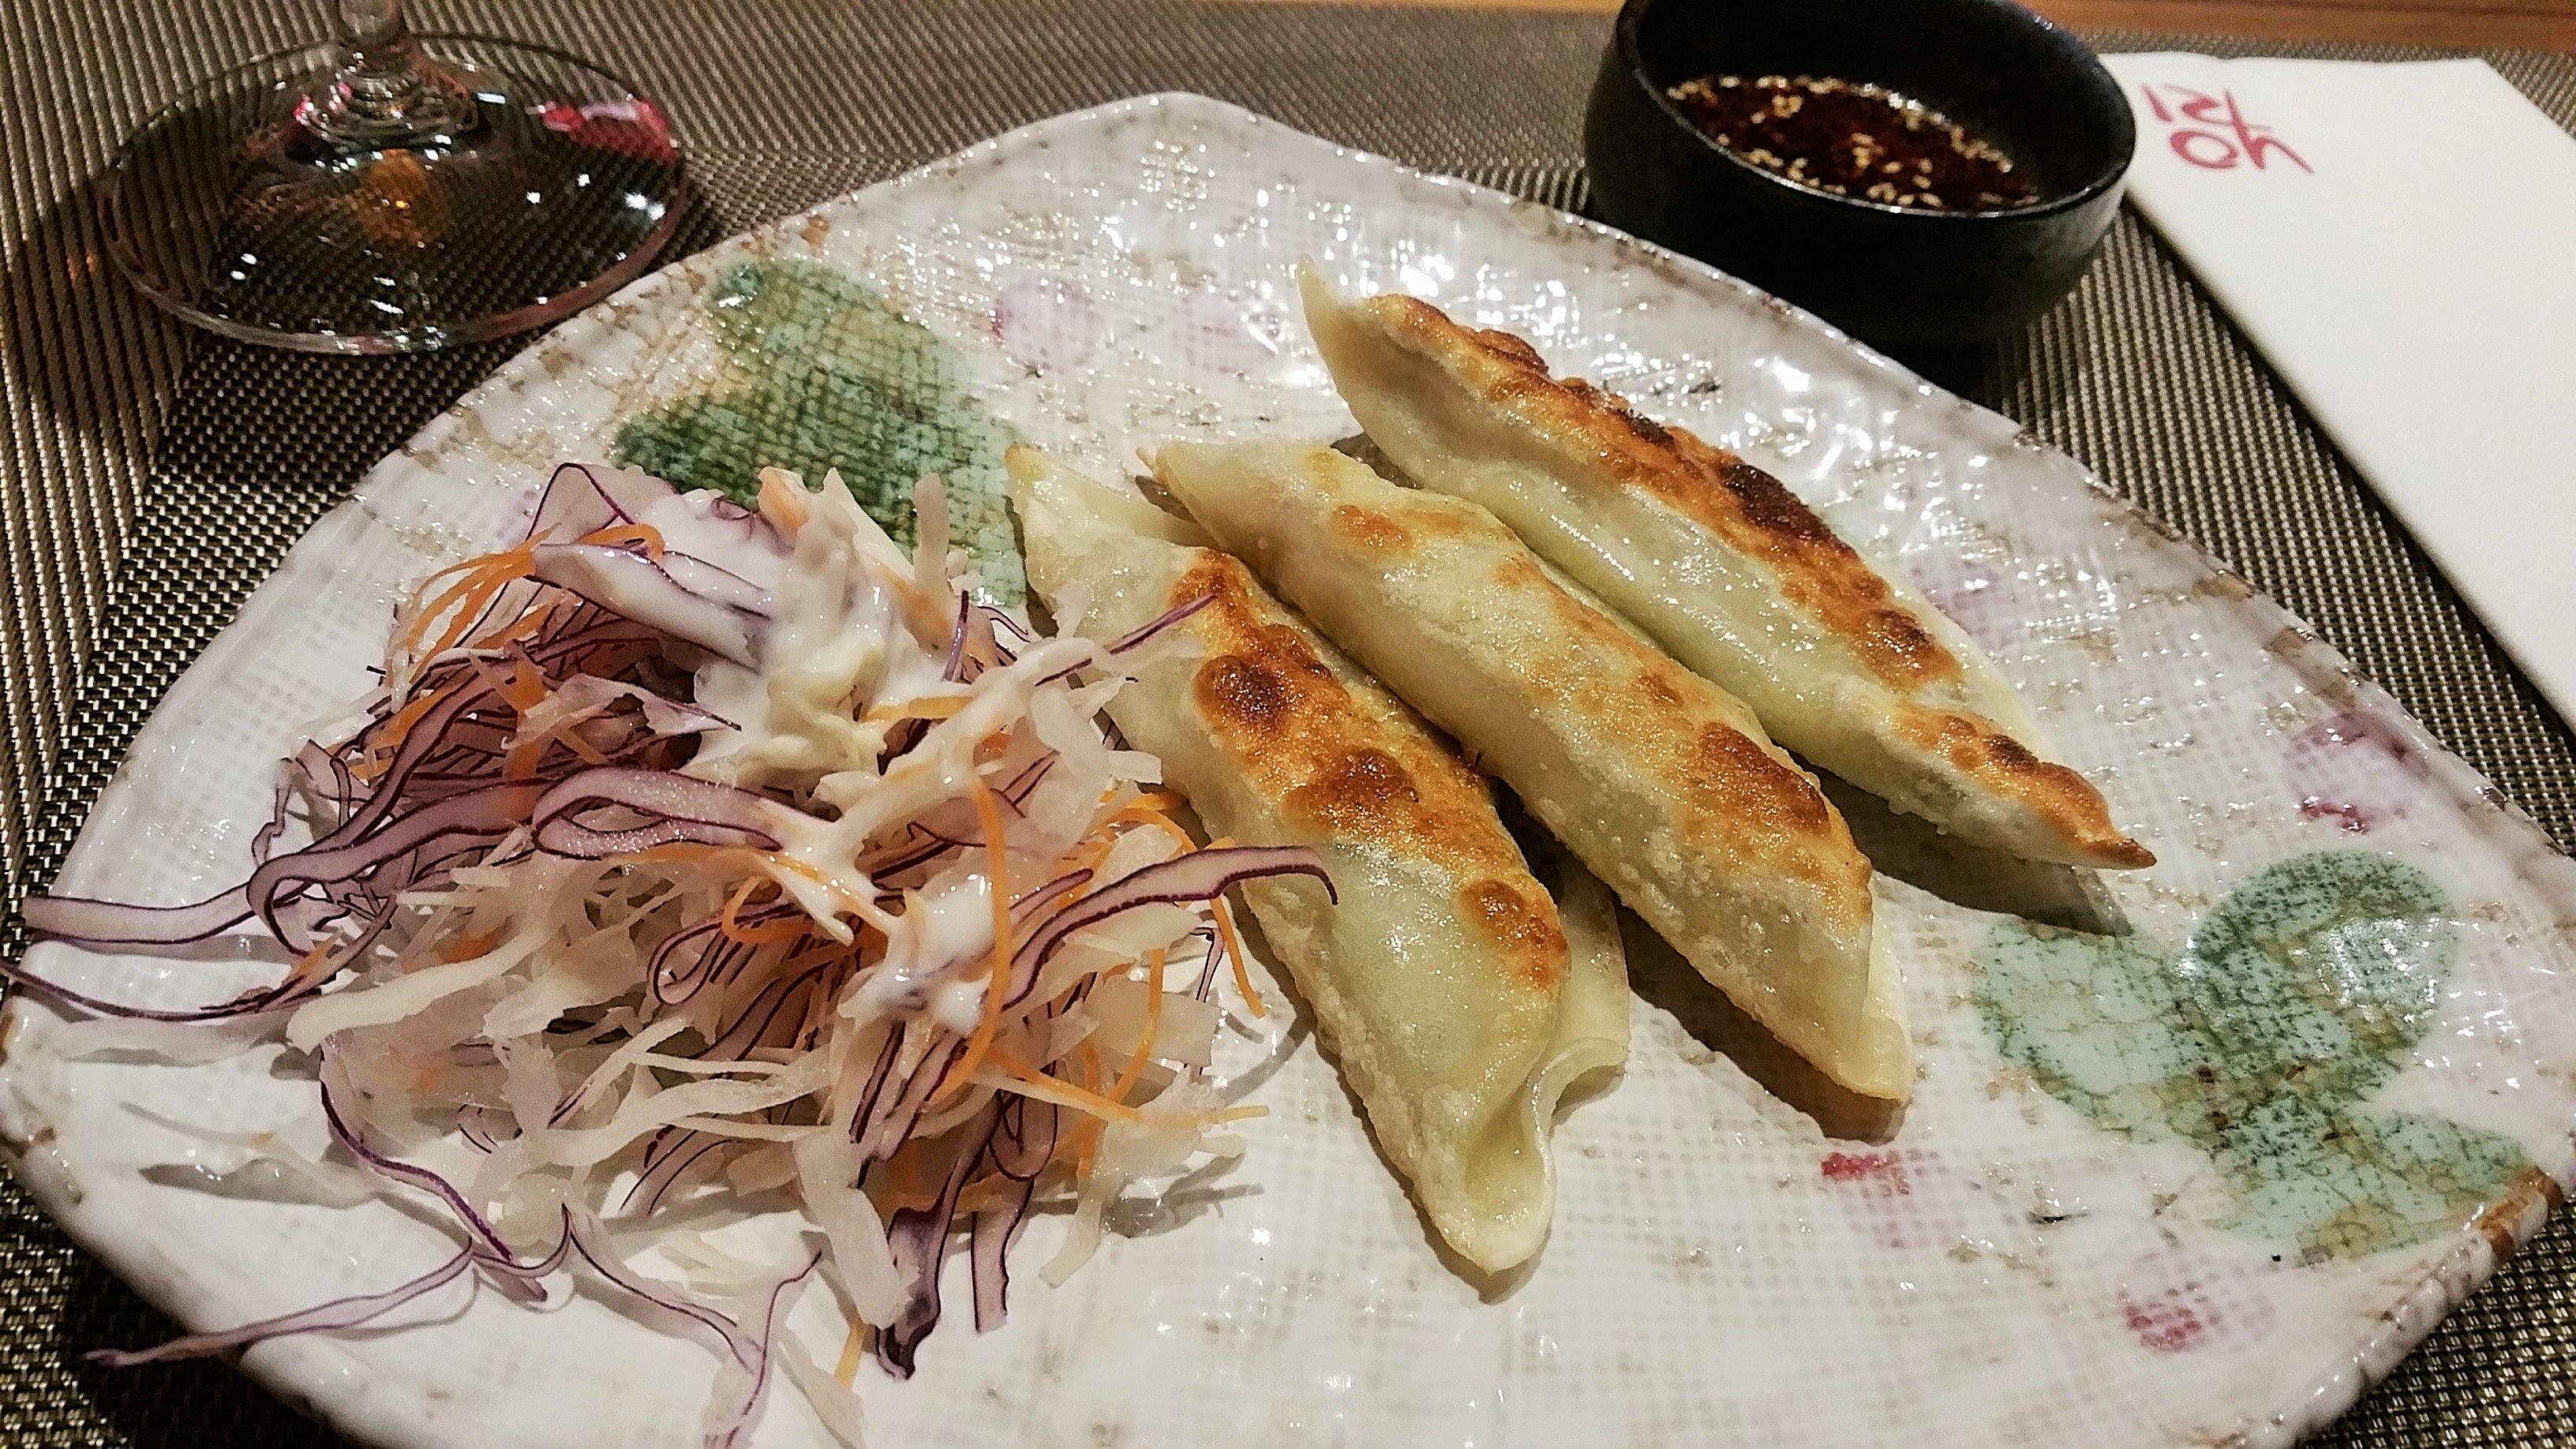 Yori - Korean Dining